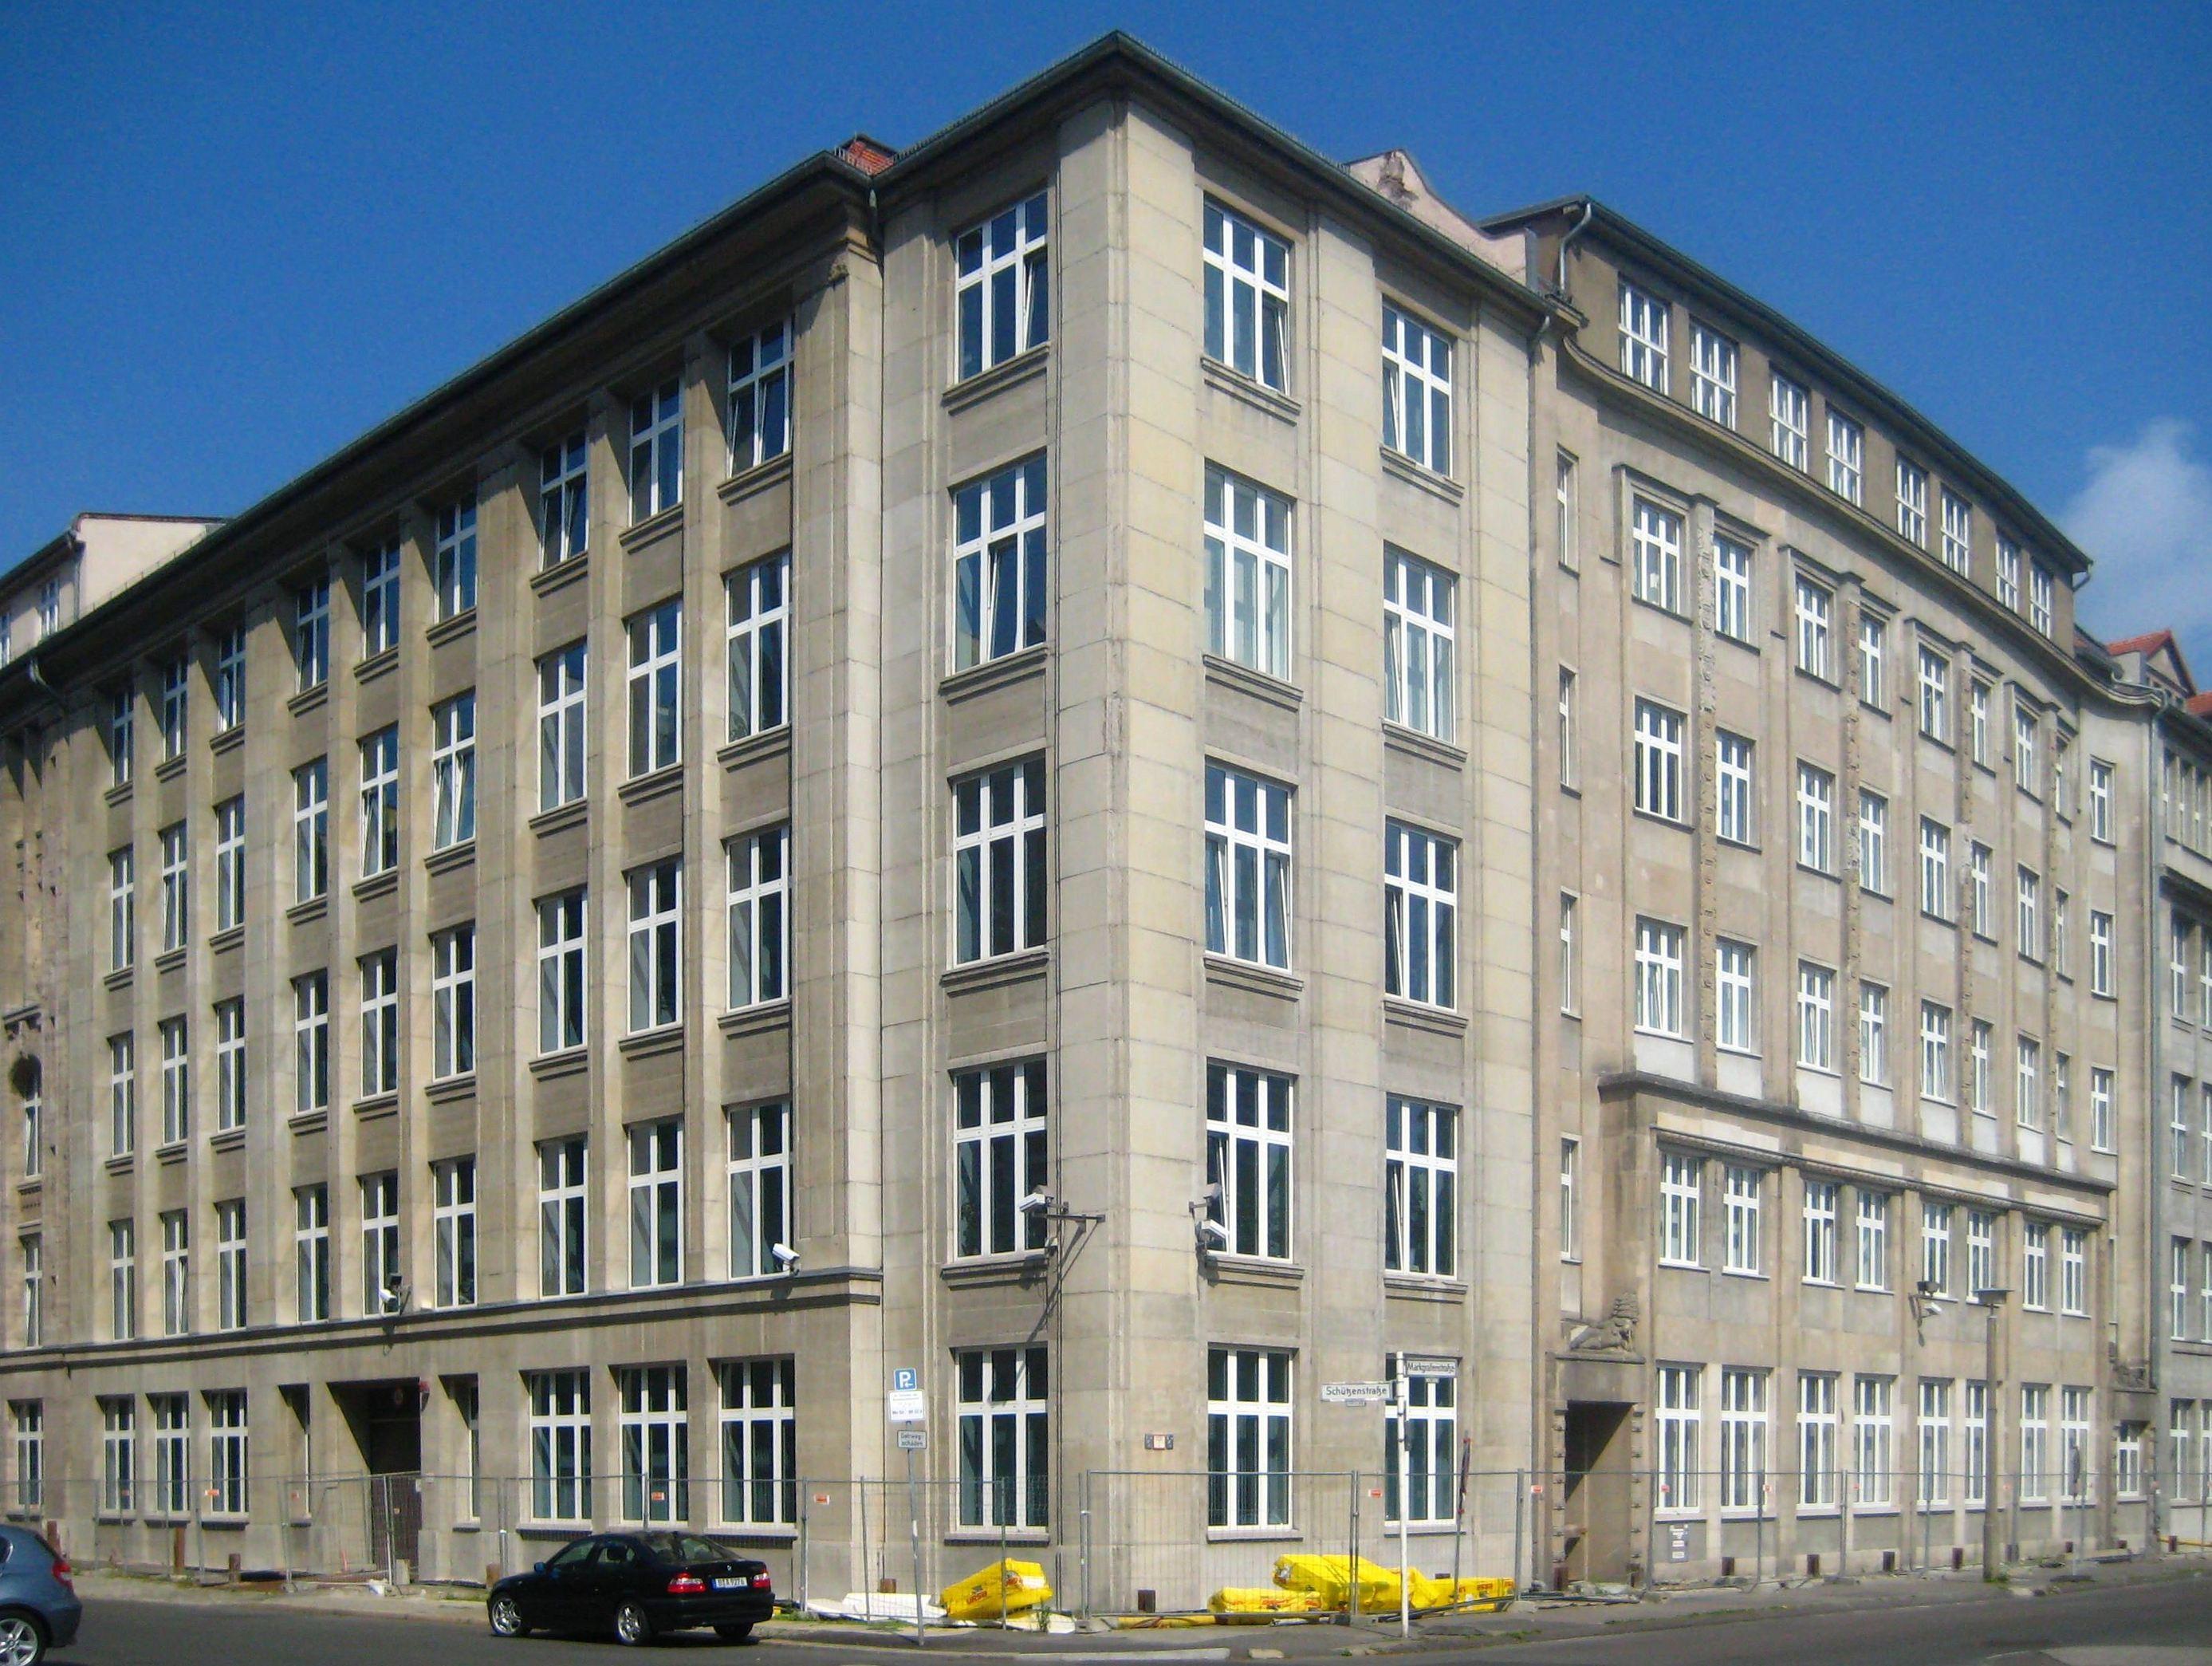 datei berlin mitte markgrafenstrasse 55 geschaeftshaus wikipedia. Black Bedroom Furniture Sets. Home Design Ideas